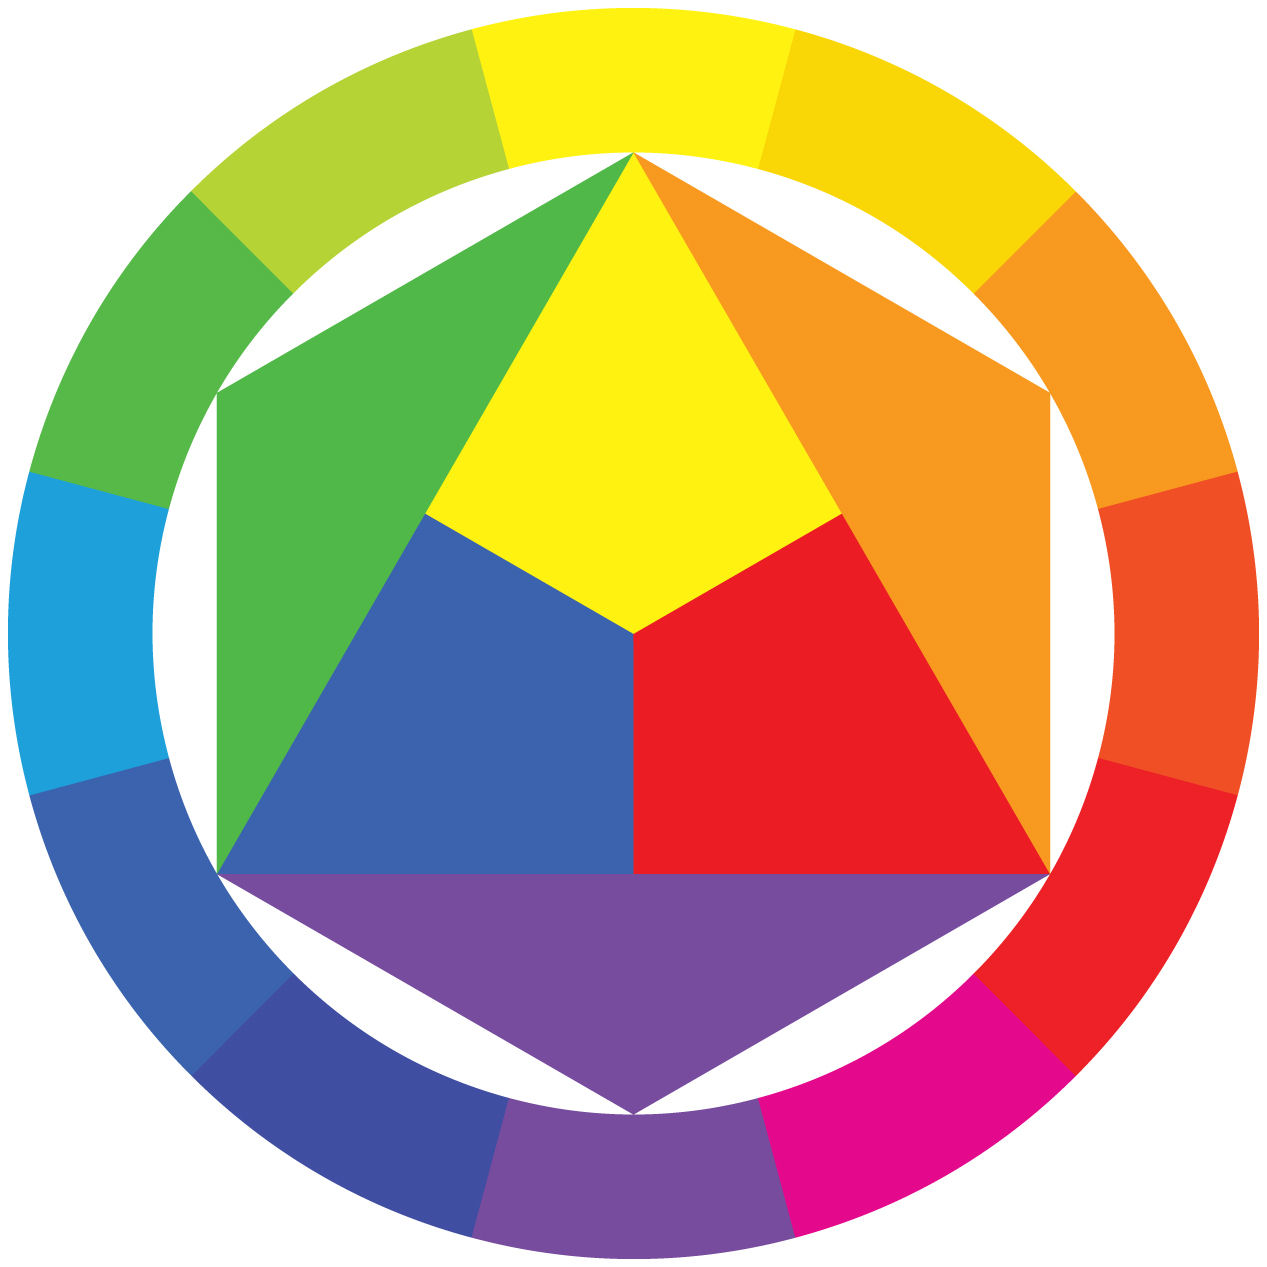 Grafische Vormgeving: Kleurgebruik